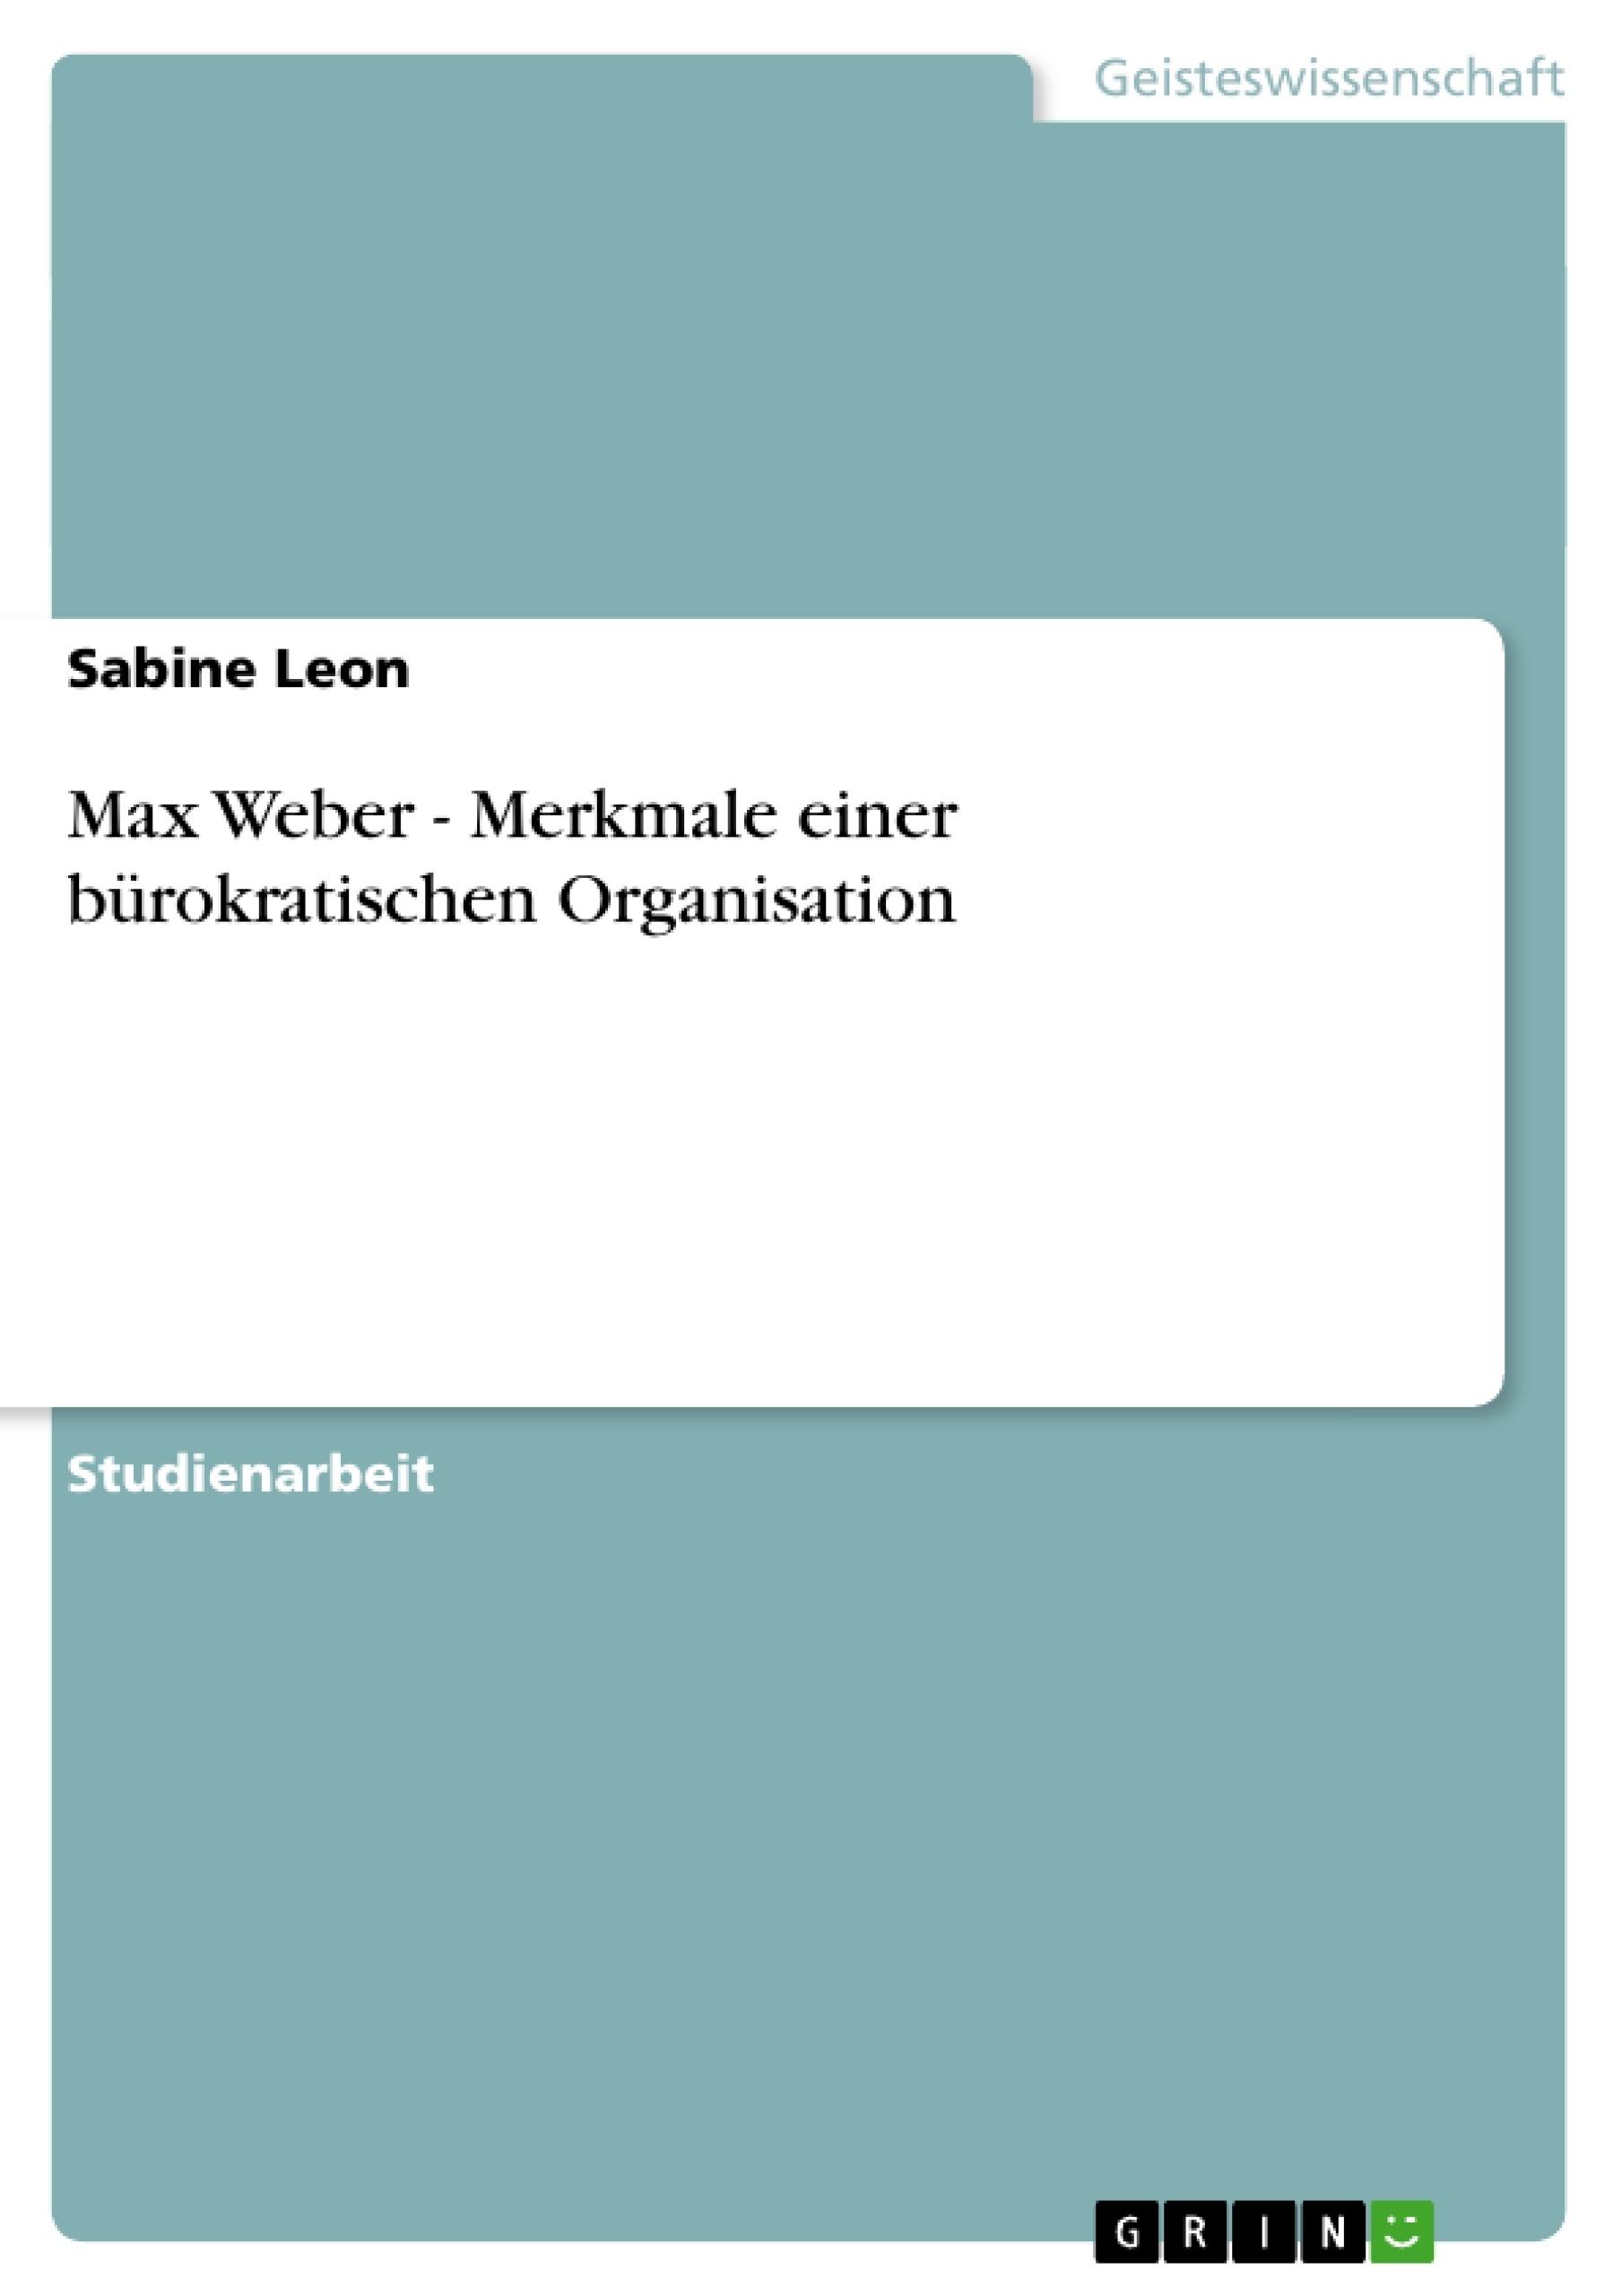 Titel: Max Weber - Merkmale einer bürokratischen Organisation